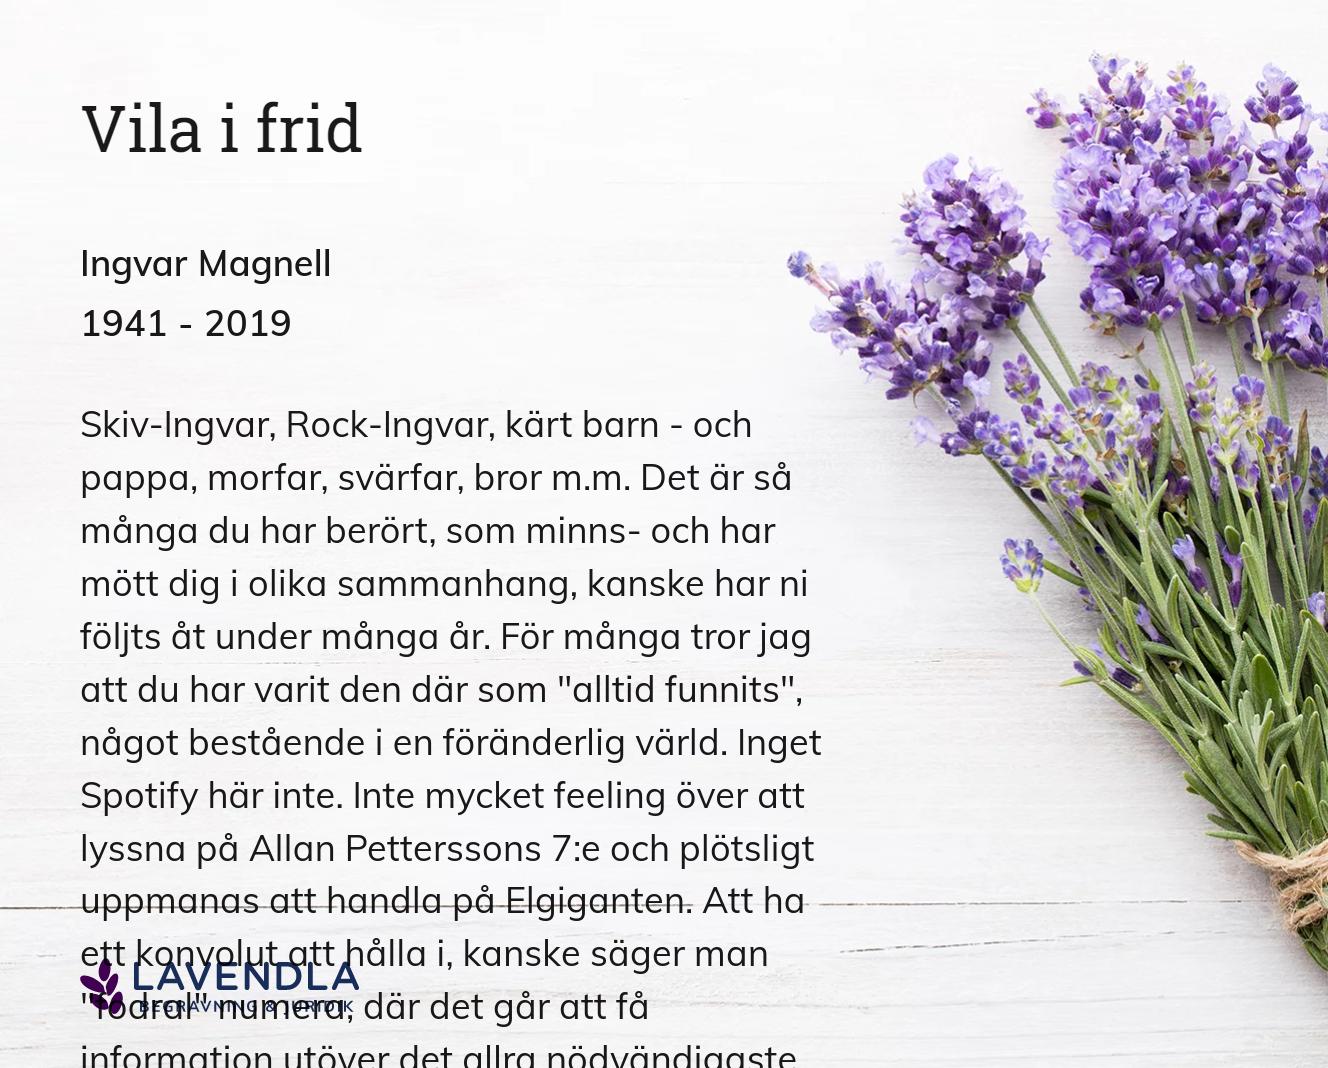 Inbjudningskort till ceremonin för Ingvar Magnell